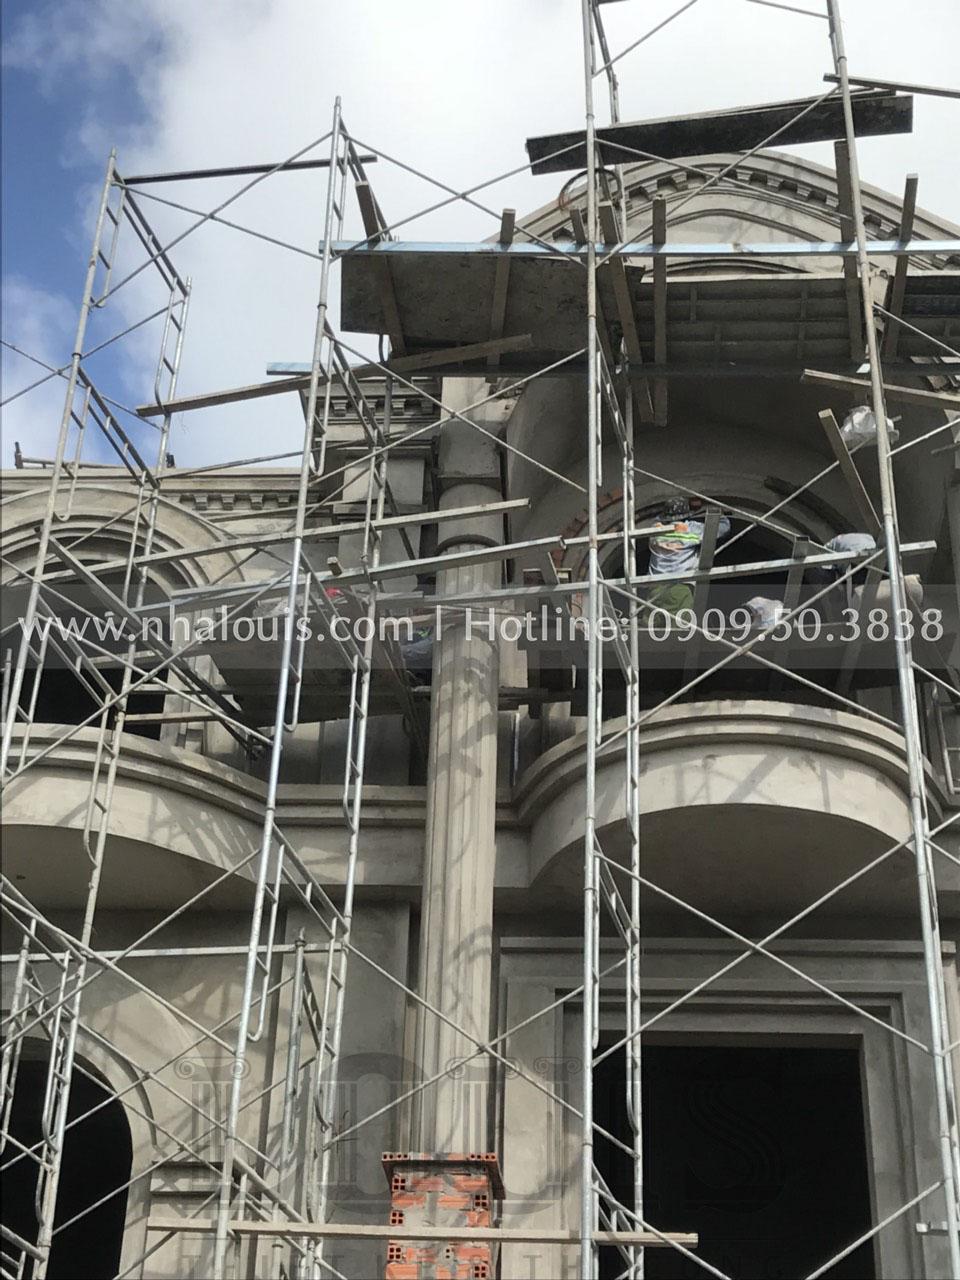 thi công tạo hình mặt tiền biệt thự cổ điển Bến Tre